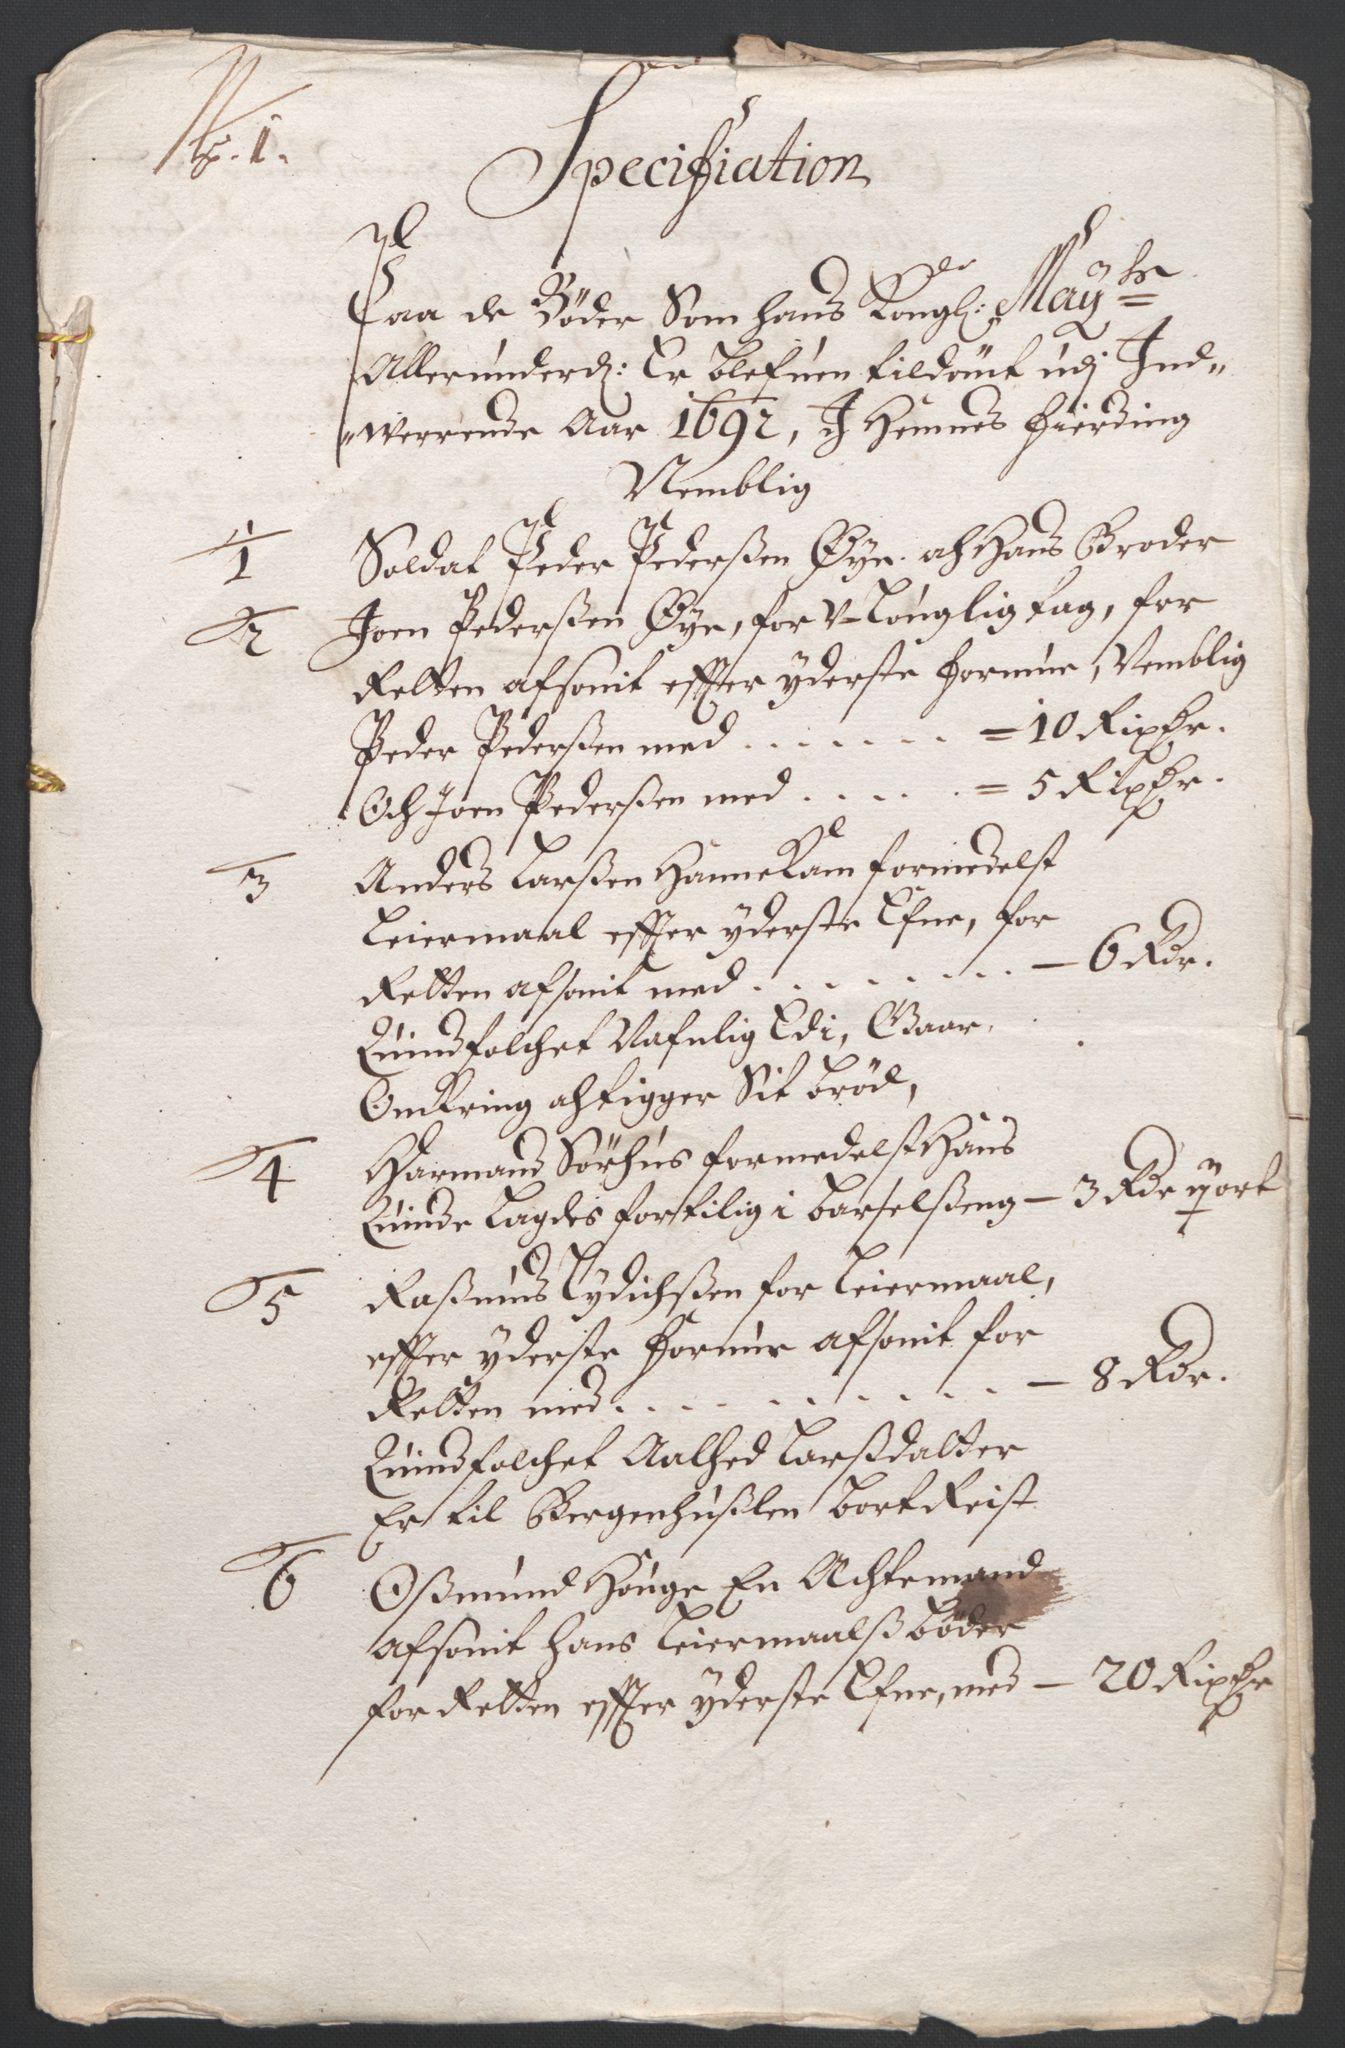 RA, Rentekammeret inntil 1814, Reviderte regnskaper, Fogderegnskap, R47/L2856: Fogderegnskap Ryfylke, 1689-1693, s. 453